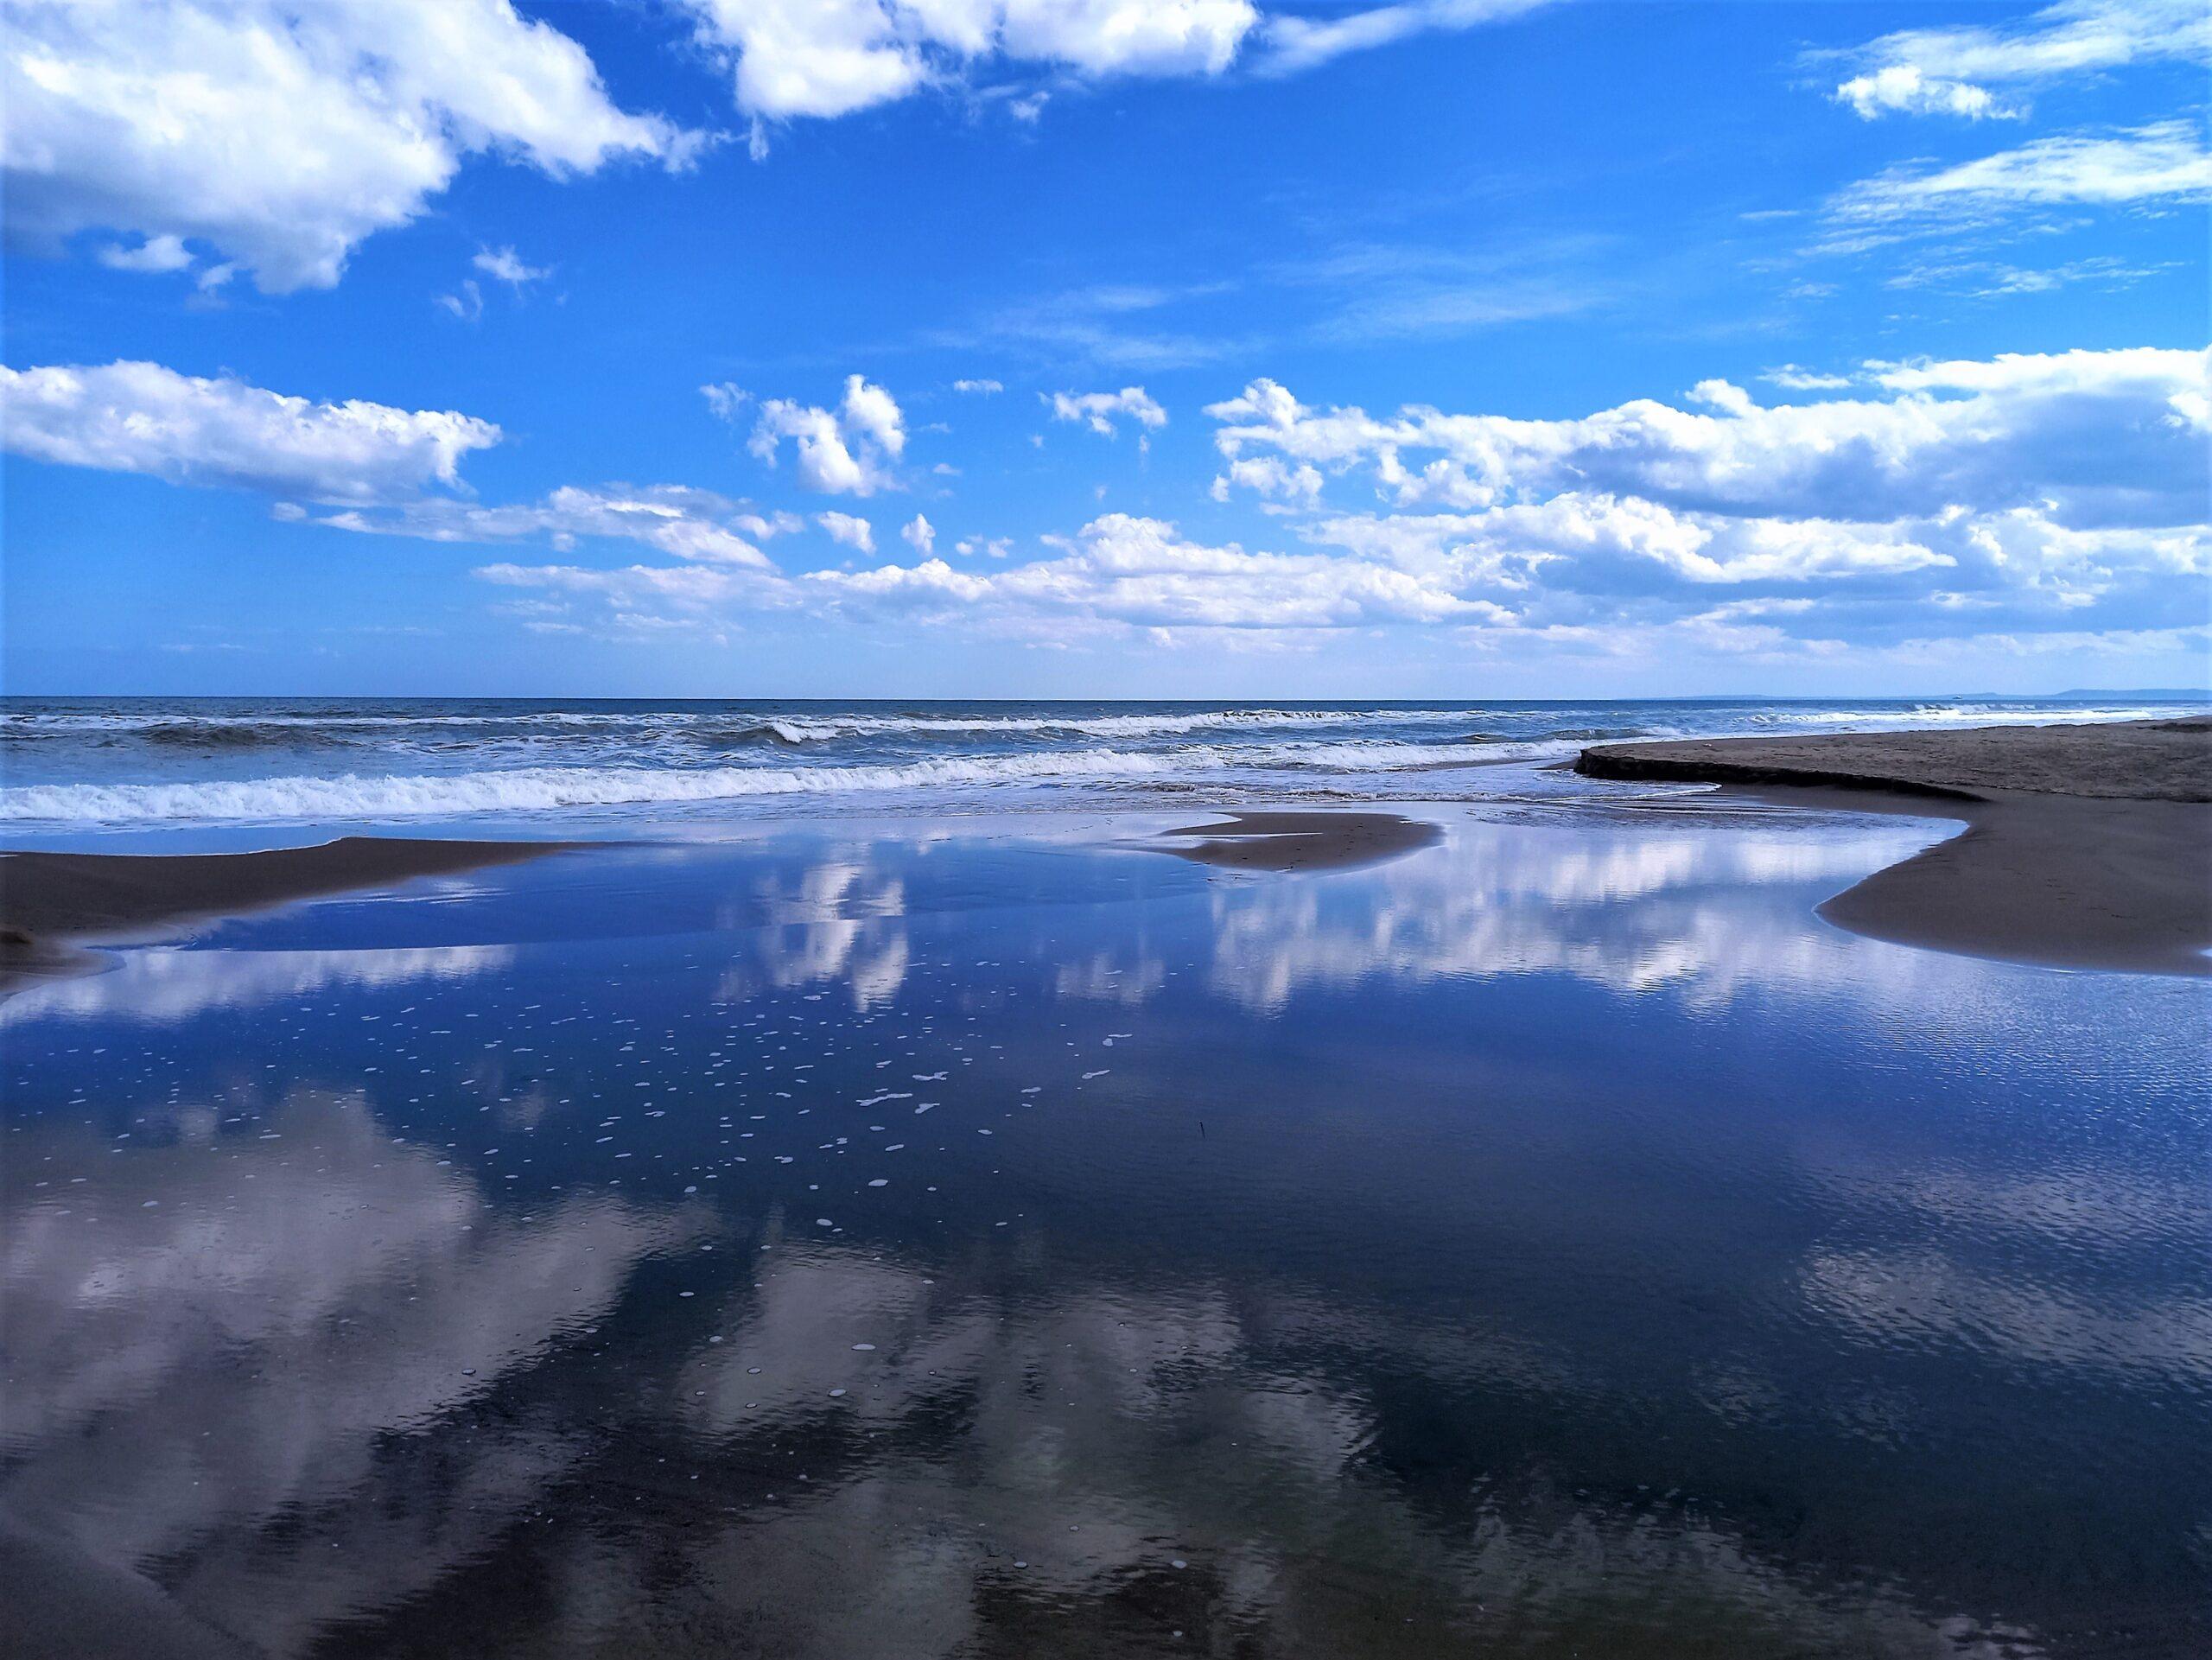 rispetta l'oceano